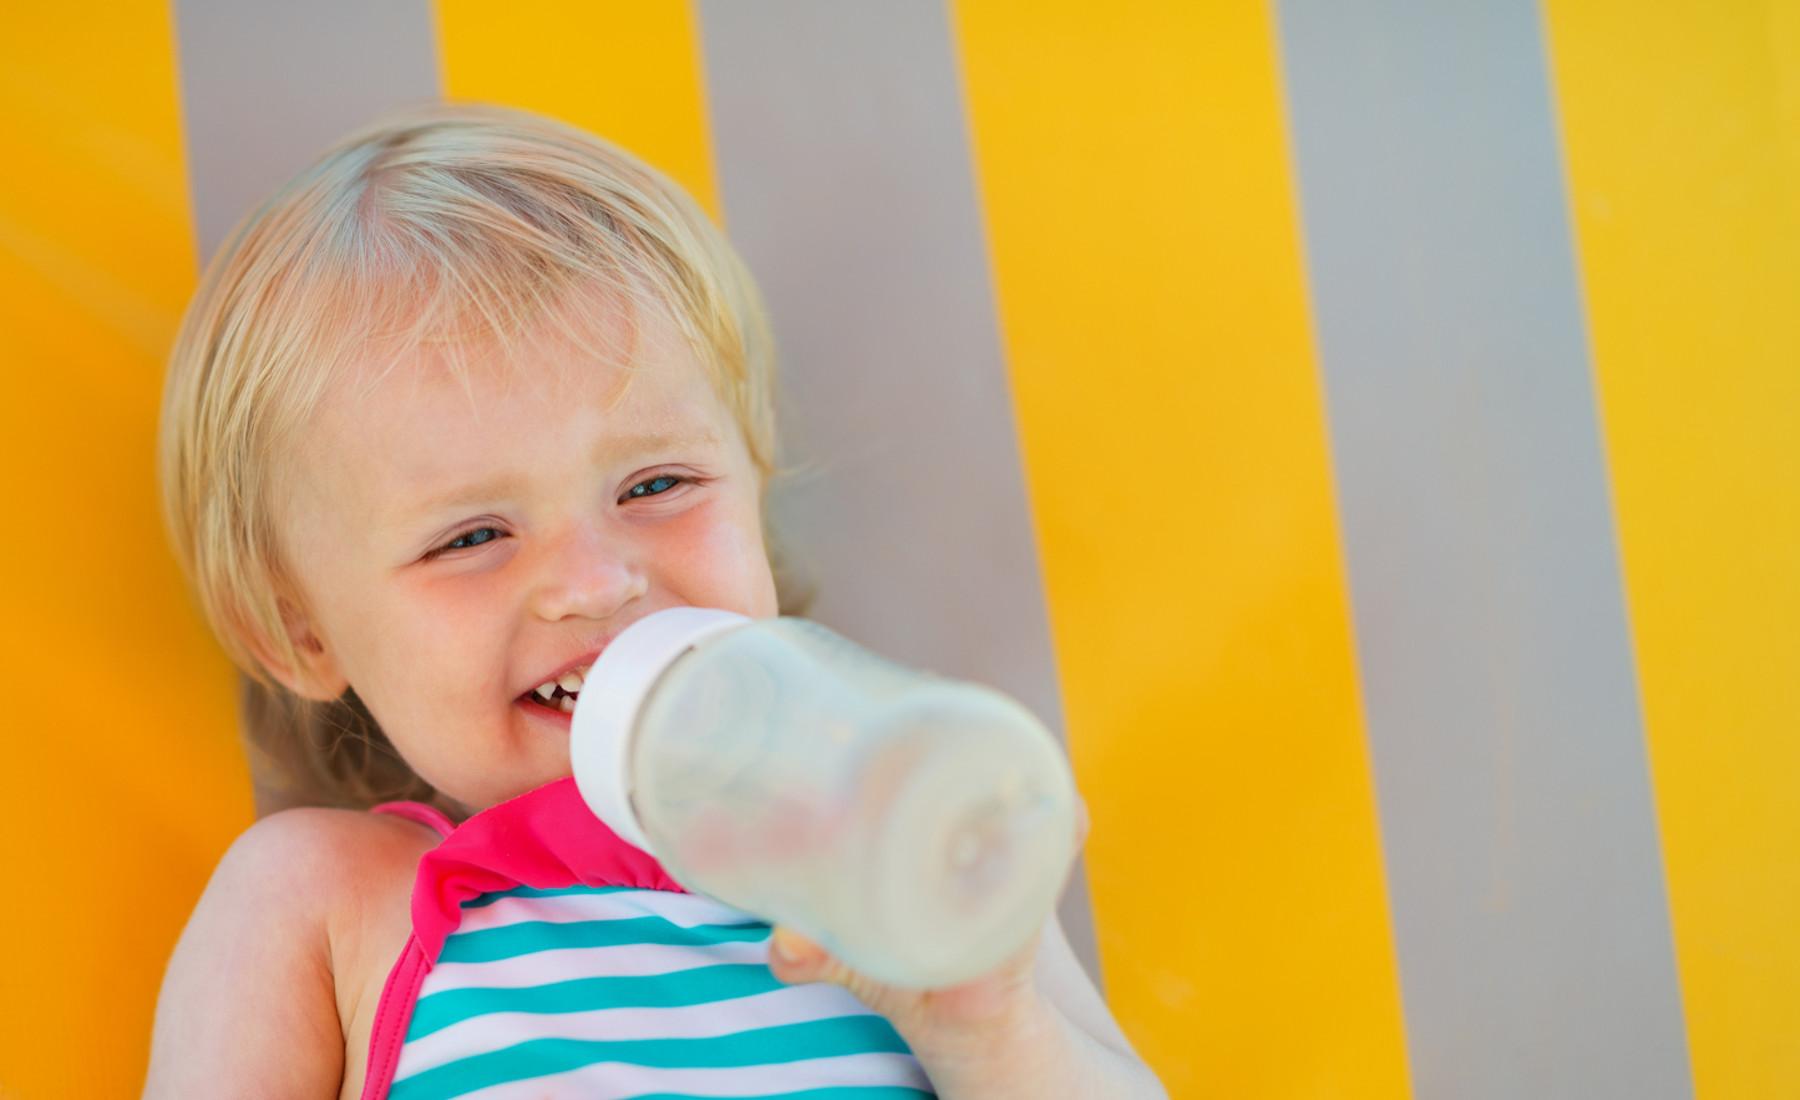 התייבשות תינוקות - מה חשוב לדעת?